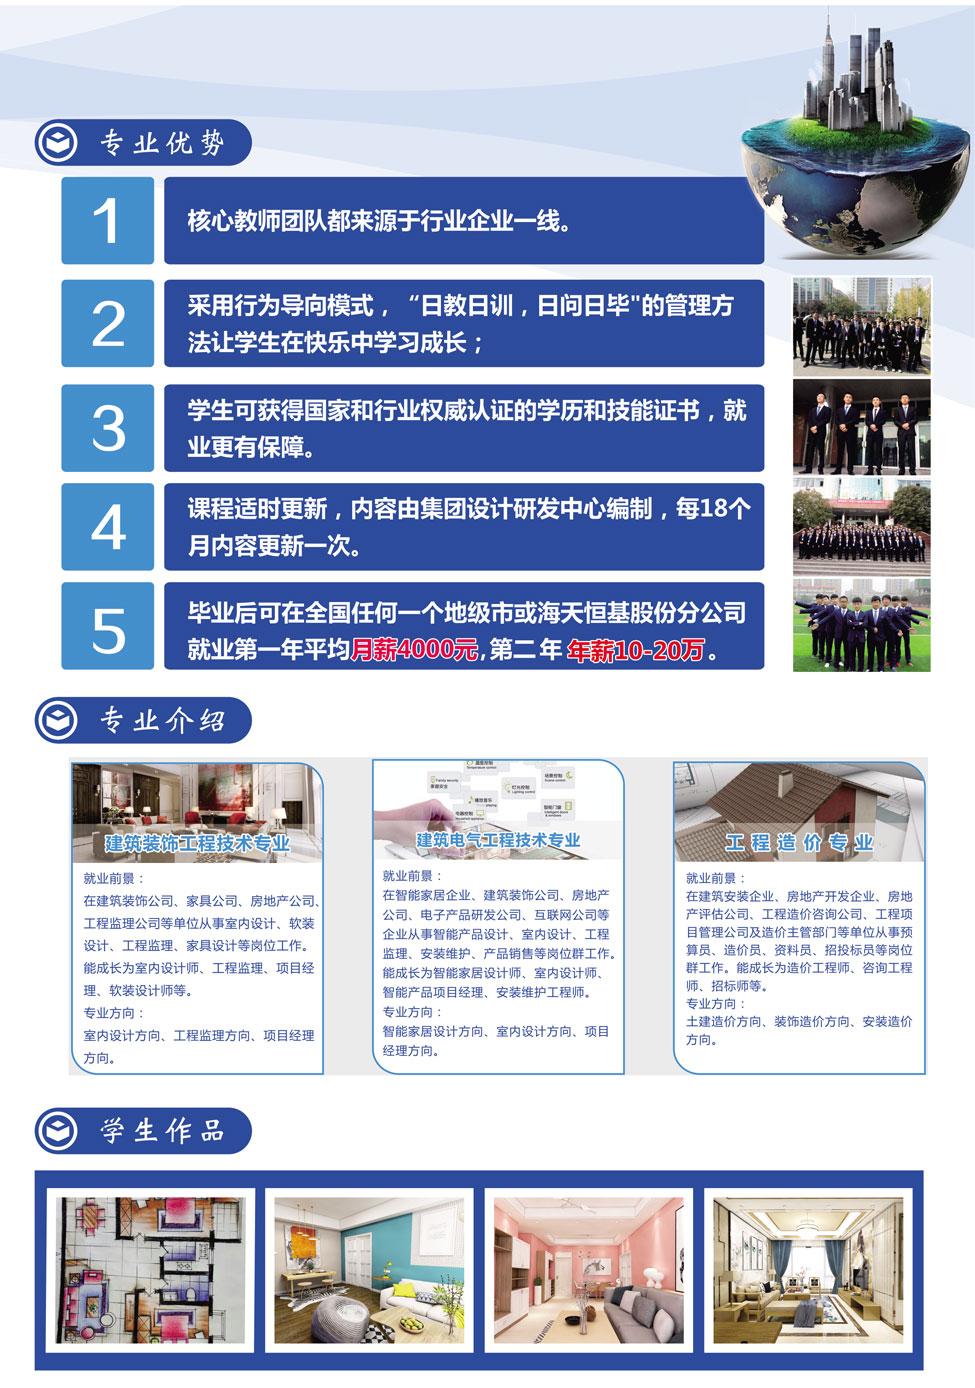 渭南ballbet贝博app下载技术BB平台